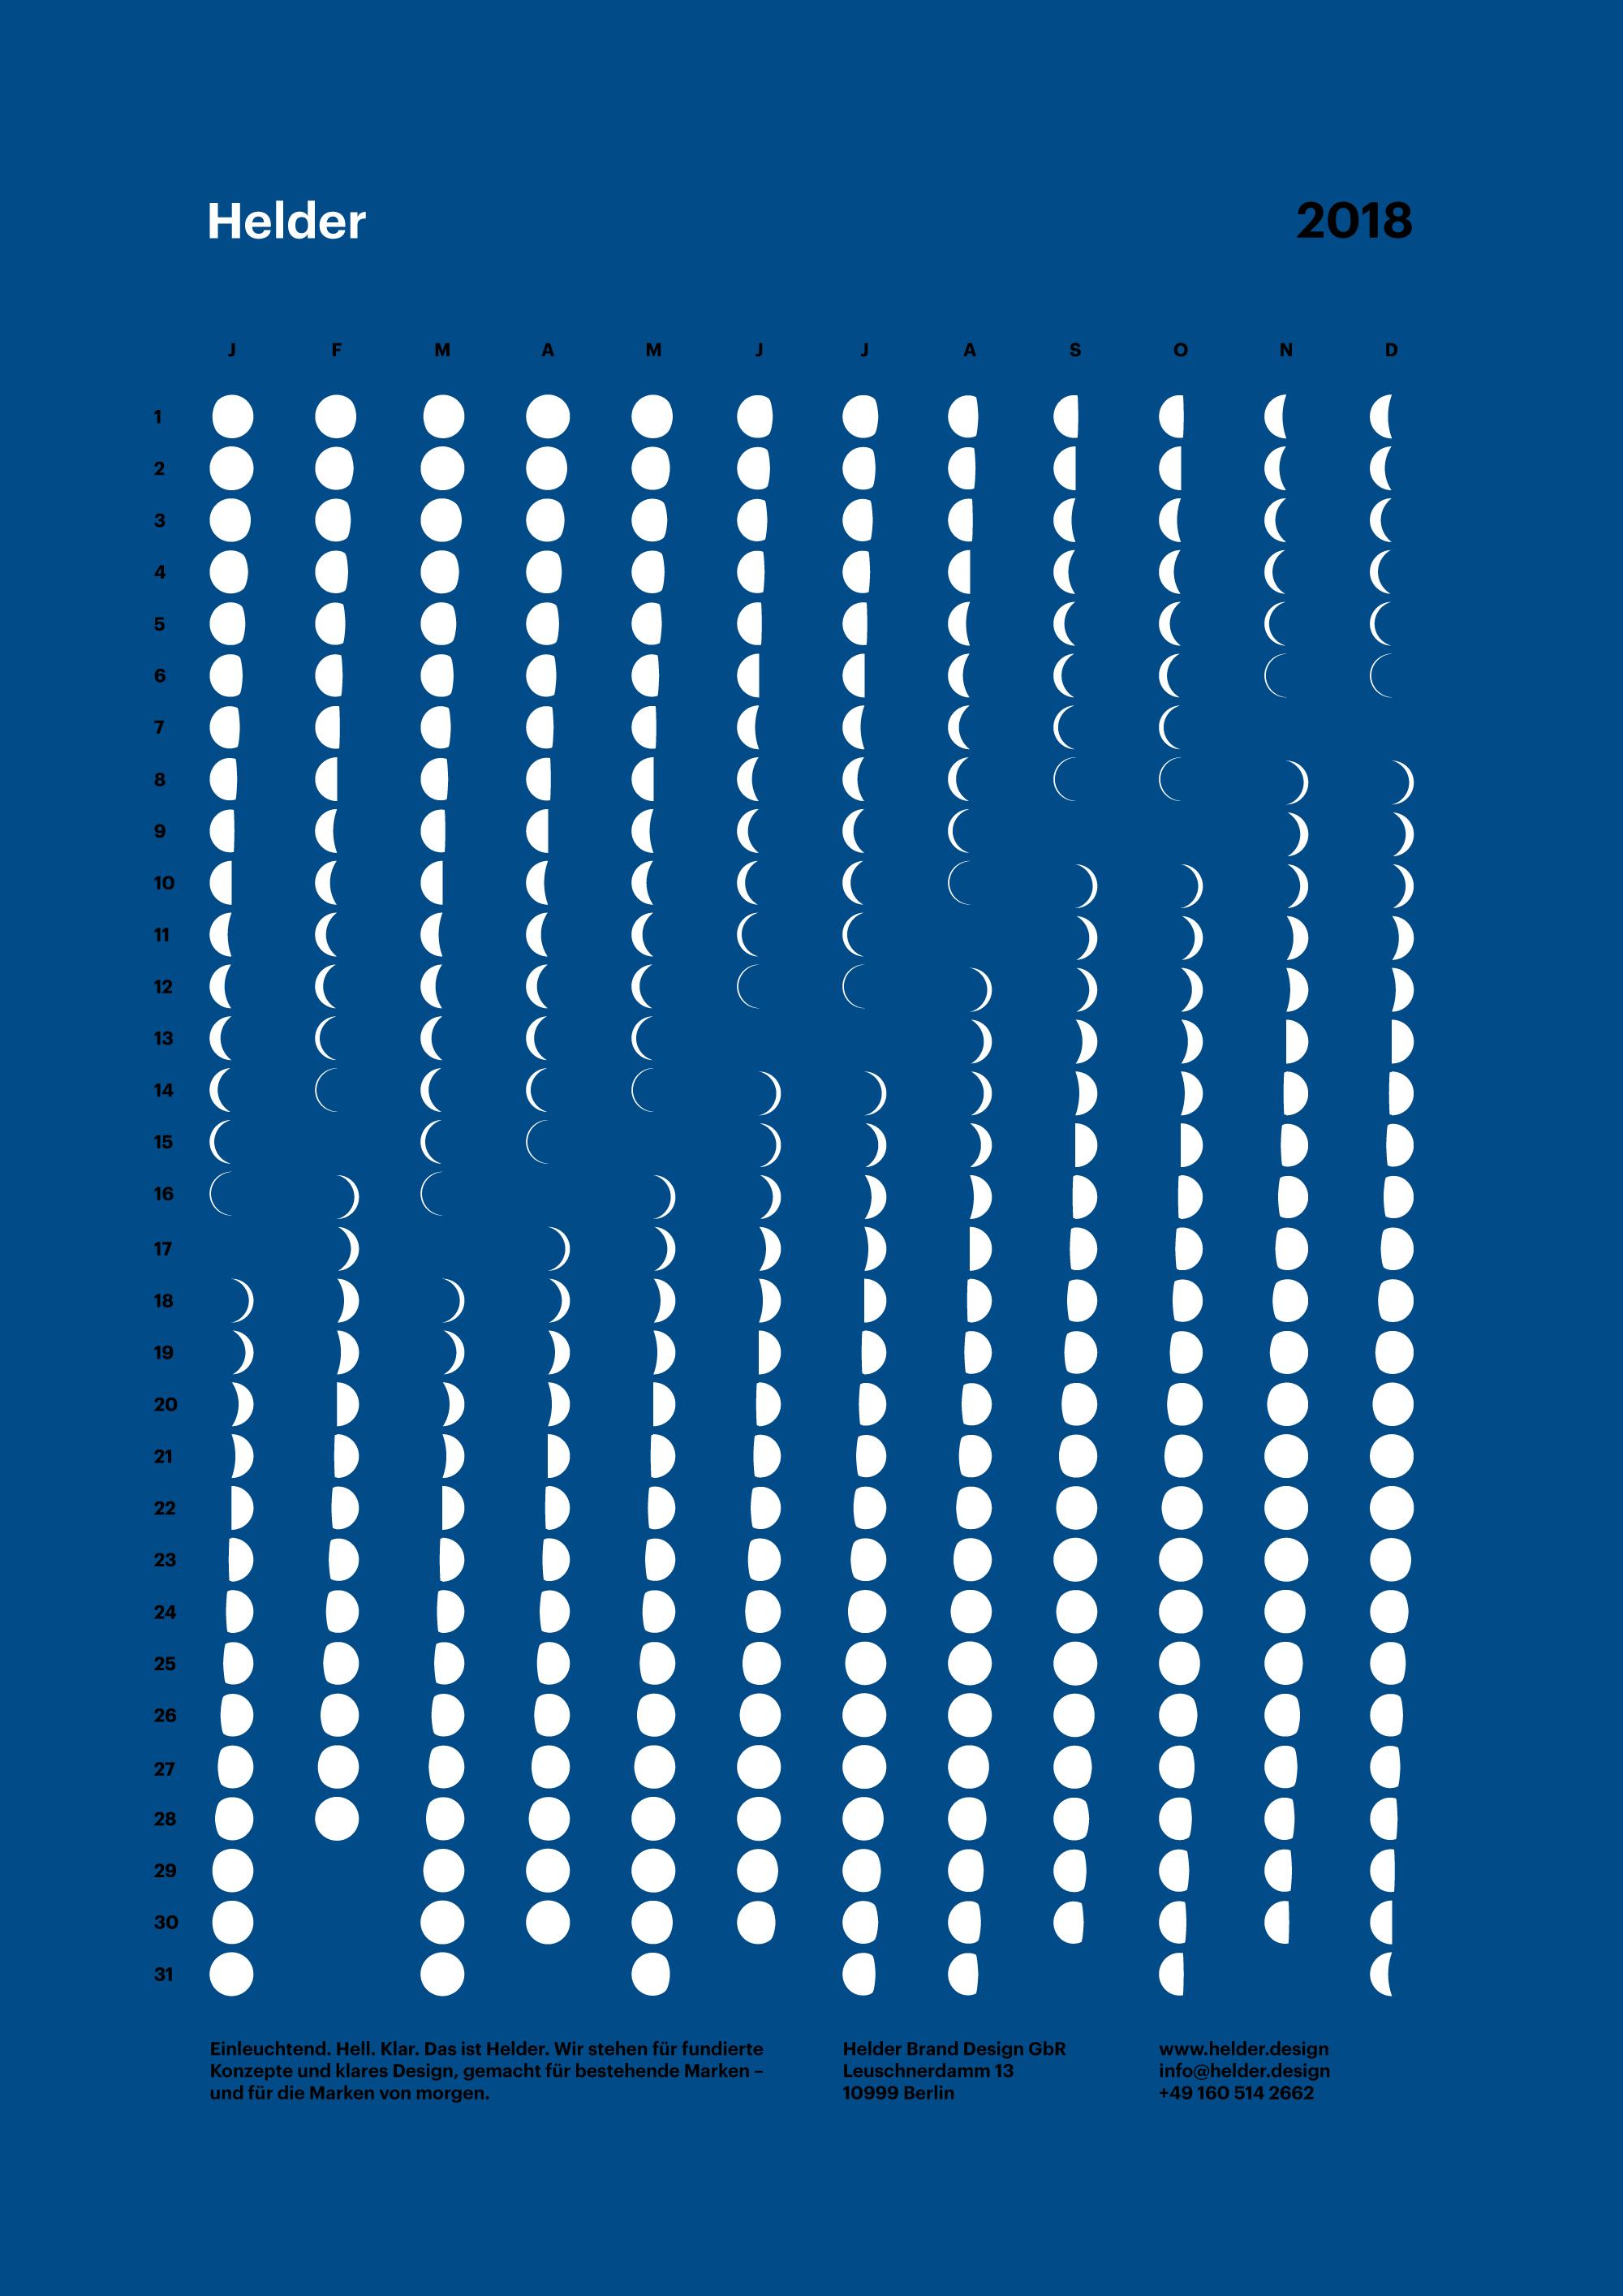 Lunar Calendar 2018 / Mondkalender